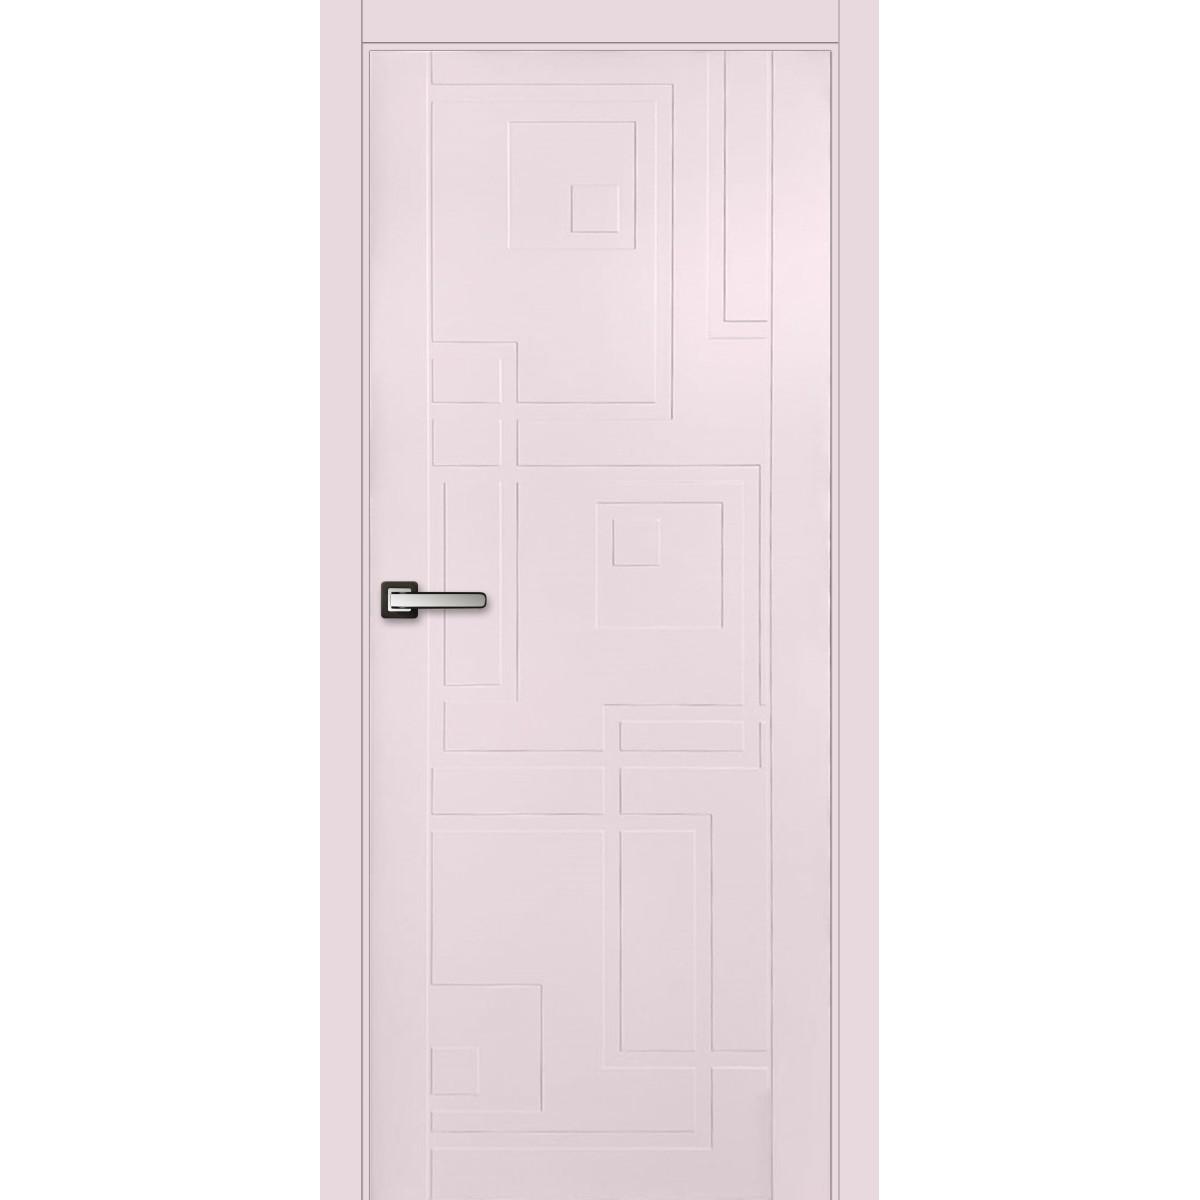 Дверь межкомнатная глухая Верде 200x80 см эмаль цвет розовый с фурнитурой